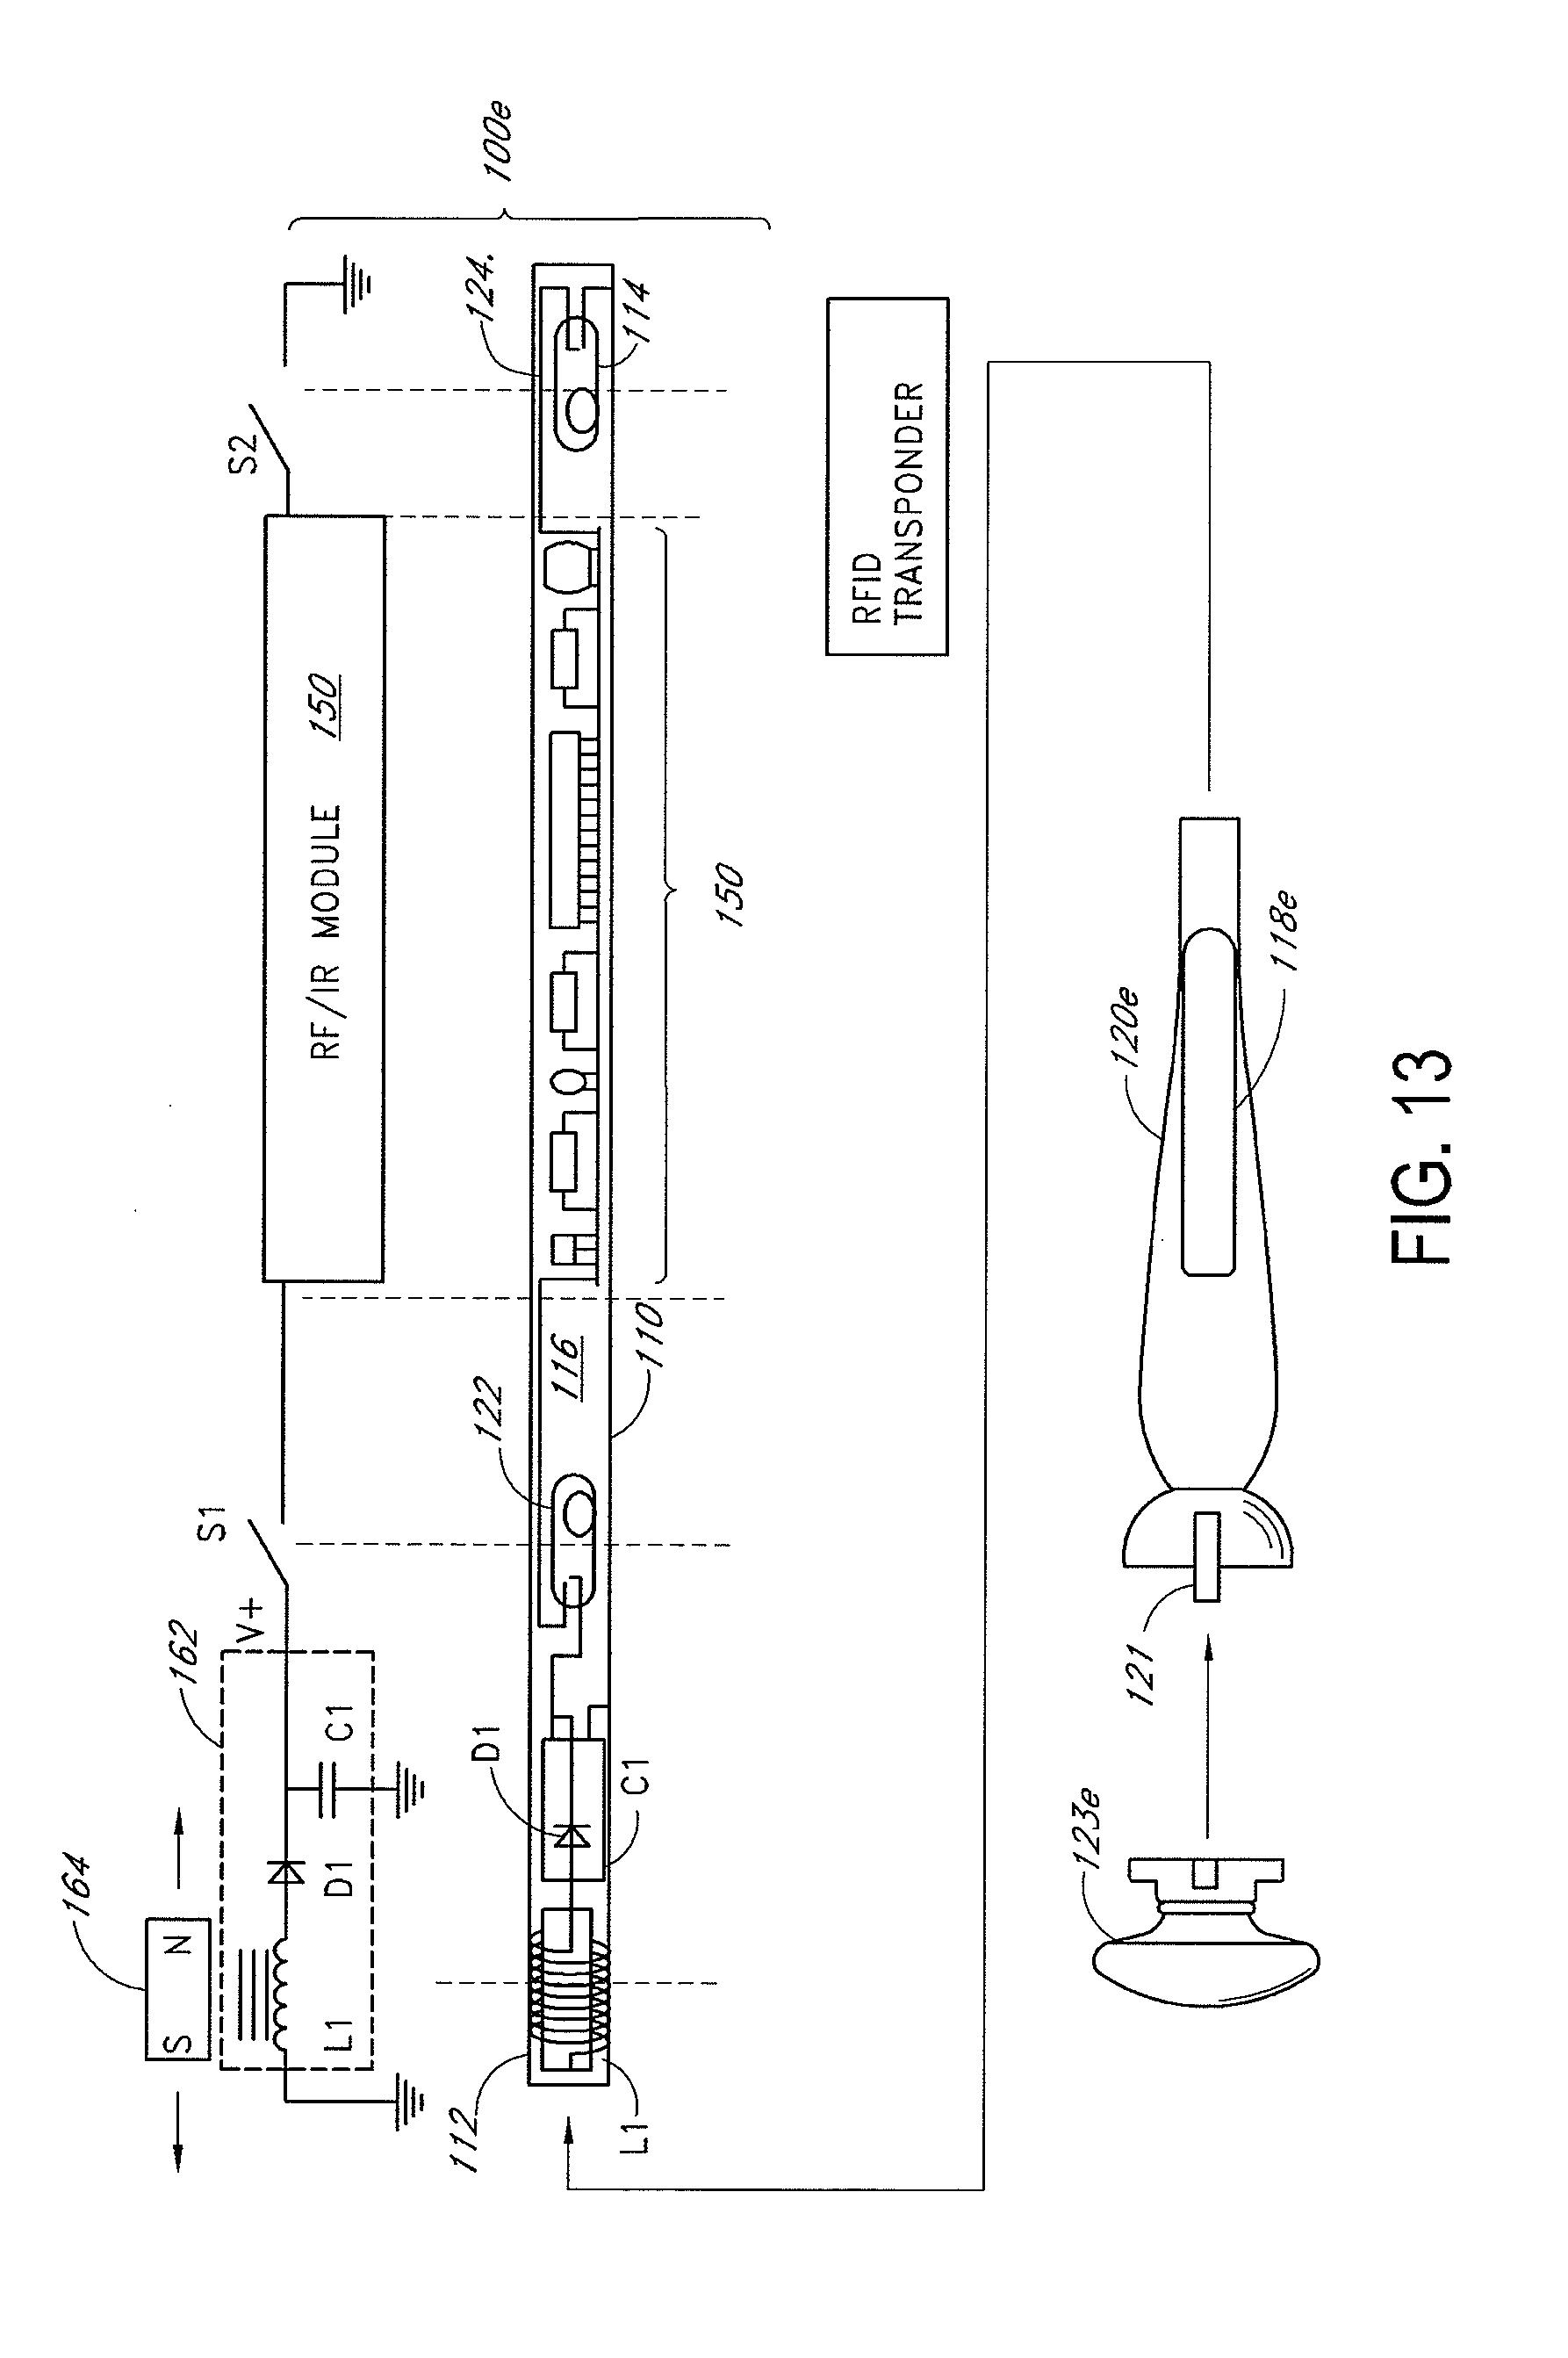 Patent Us 8686579 B2 Circuit Furthermore Long Range Fm Transmitter Diagram On Ir